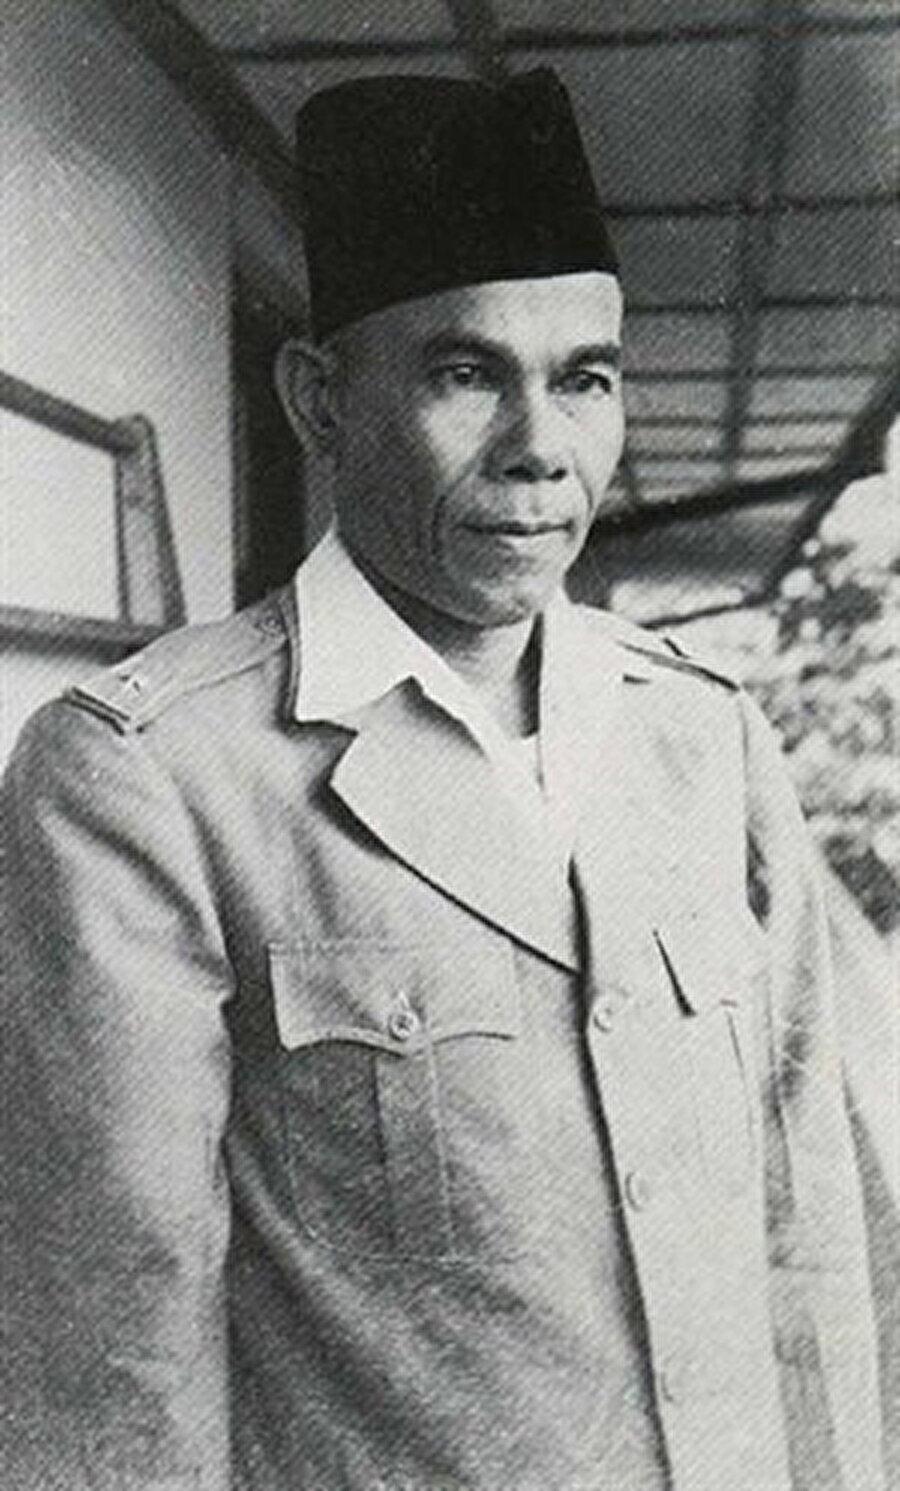 Hasan Di Tiro, Endonezya Cumhuriyeti'nin kurulmasına destek veren Davud Beureueh'ın kurduğu okulda eğitim almıştı.